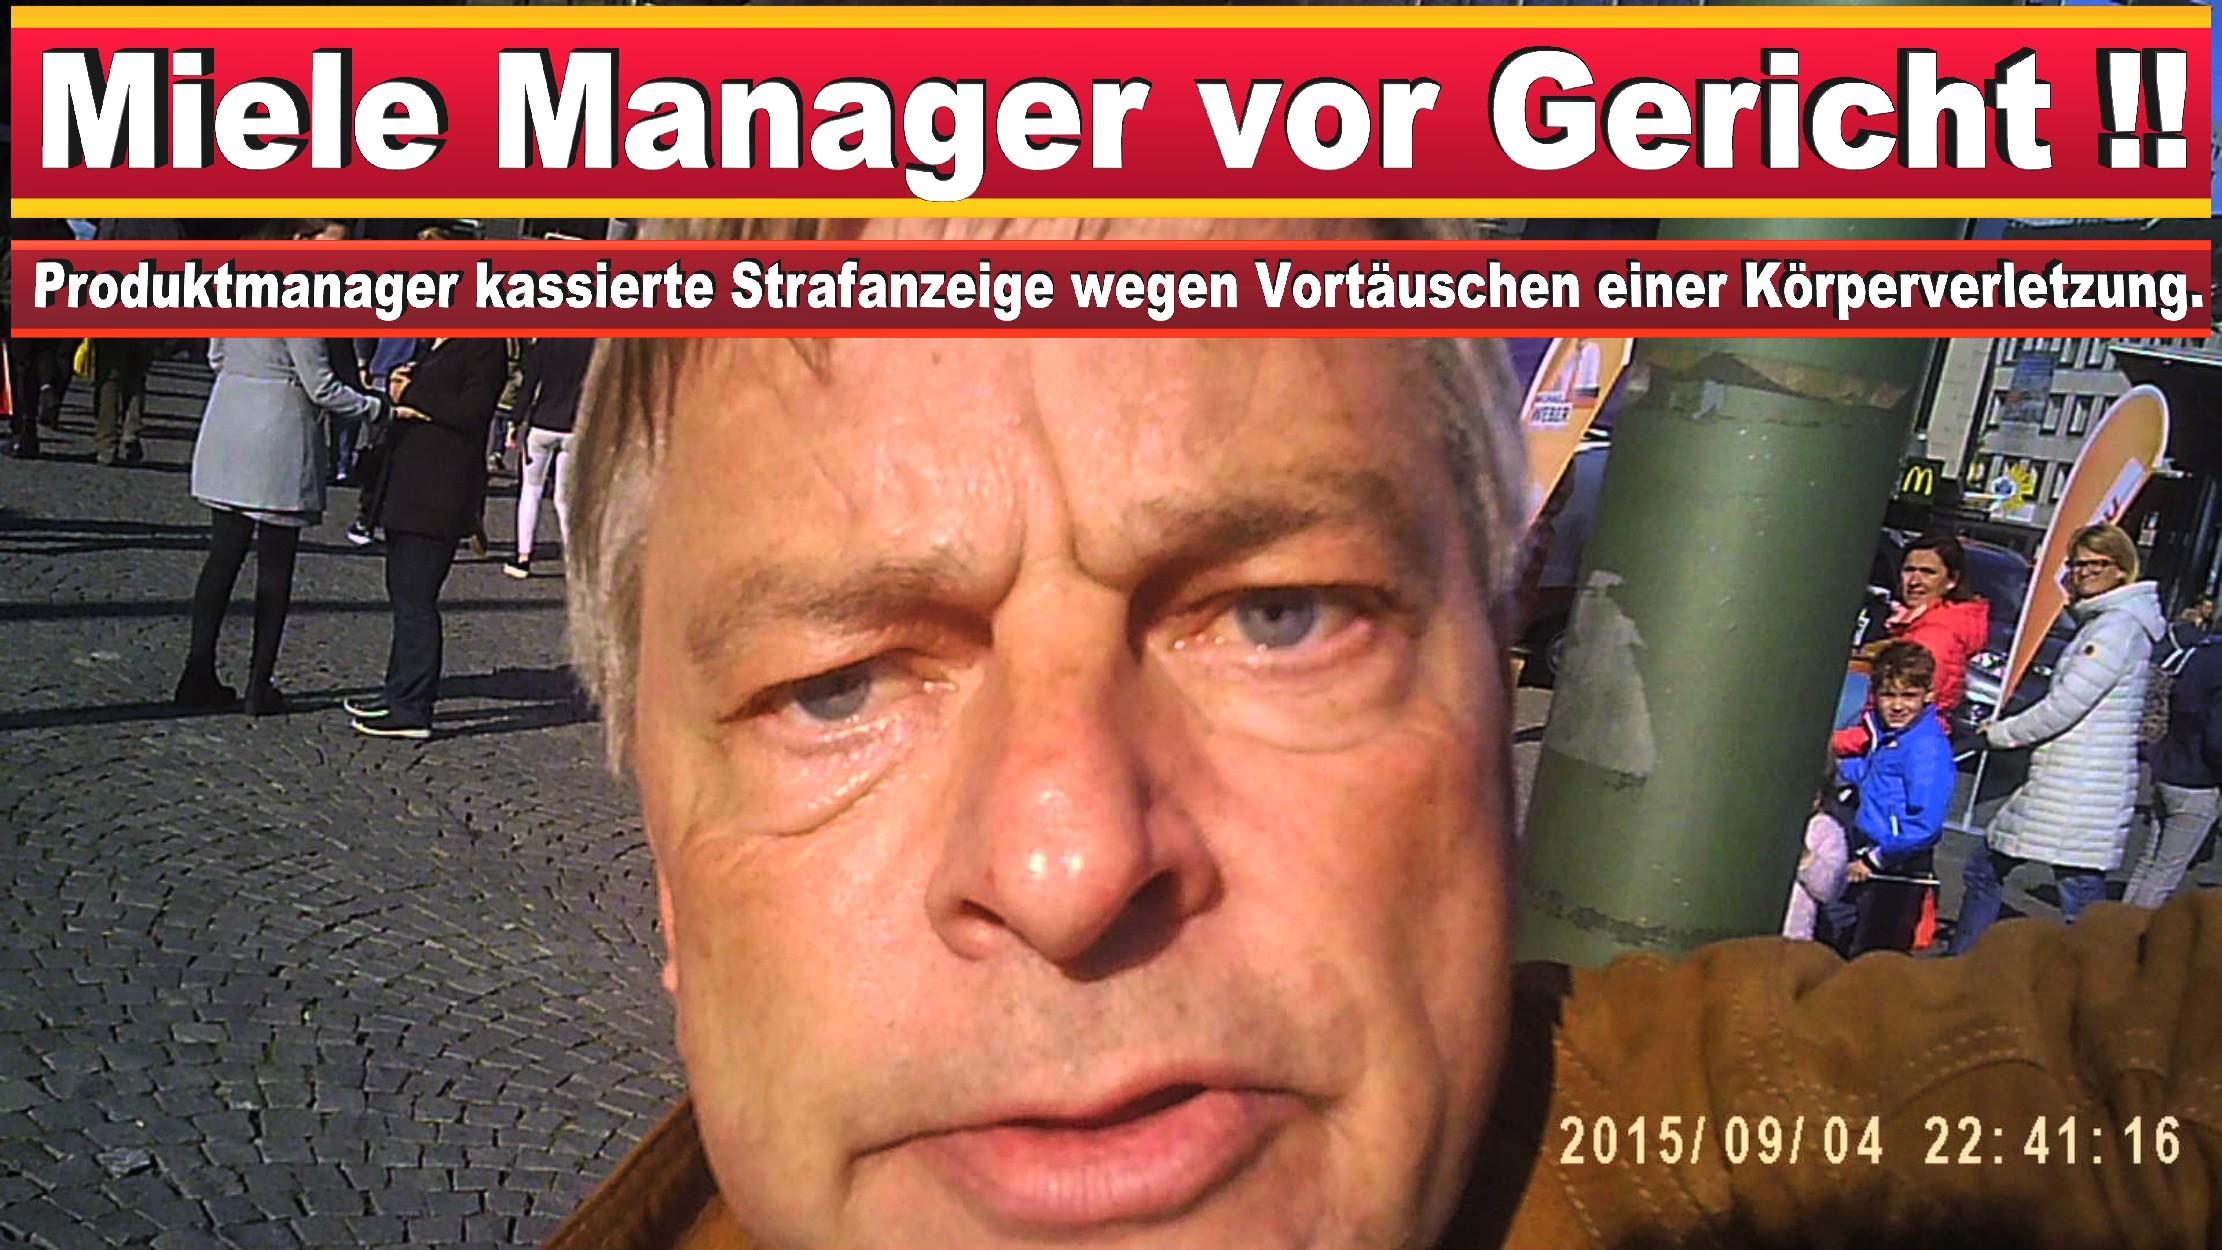 MICHAEL WEBER CDU BIELEFELD GEWALTAUSBRUCH UND STRAFANZEIGE (11)